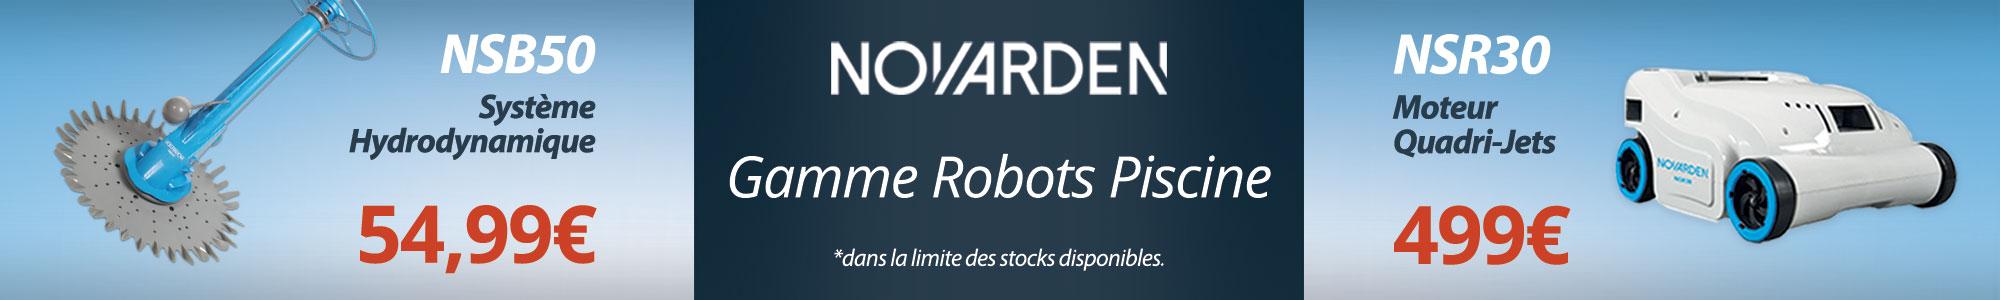 Nouveautés Robots Piscine Novarden